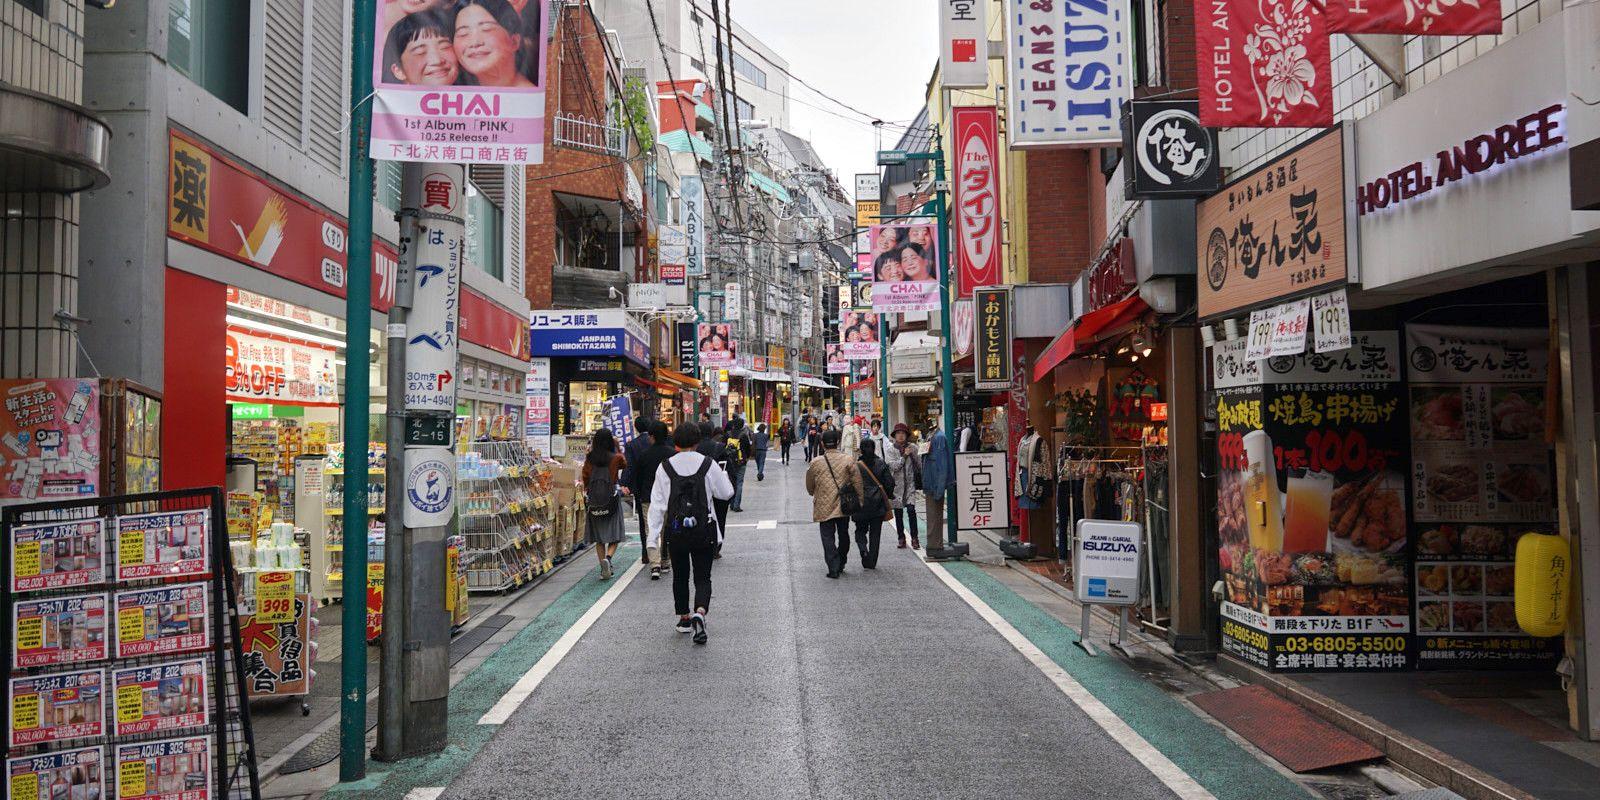 Staying in Shimokitazawa, Tokyo, Japan 🇯🇵